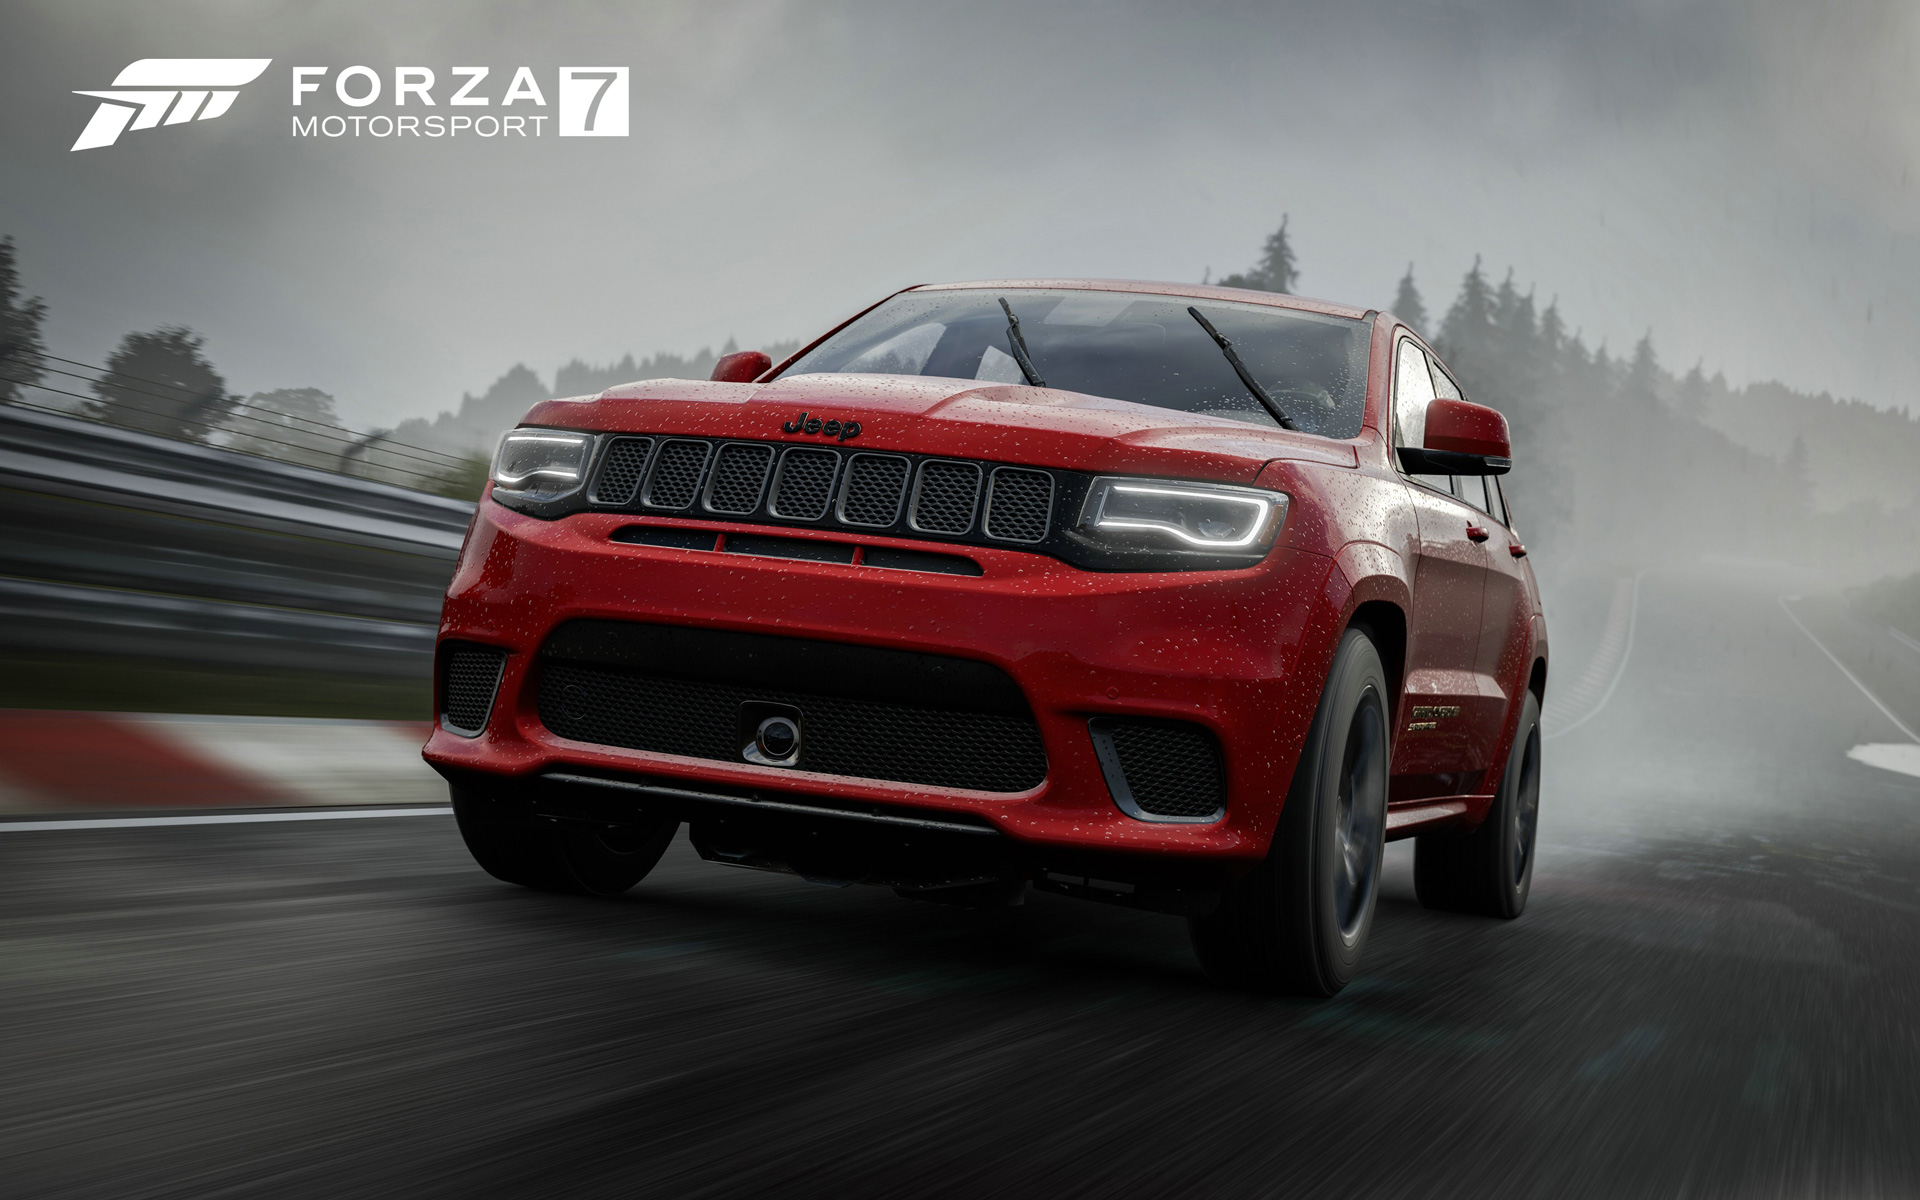 Free Forza Motorsport 7 Wallpaper in 1920x1200